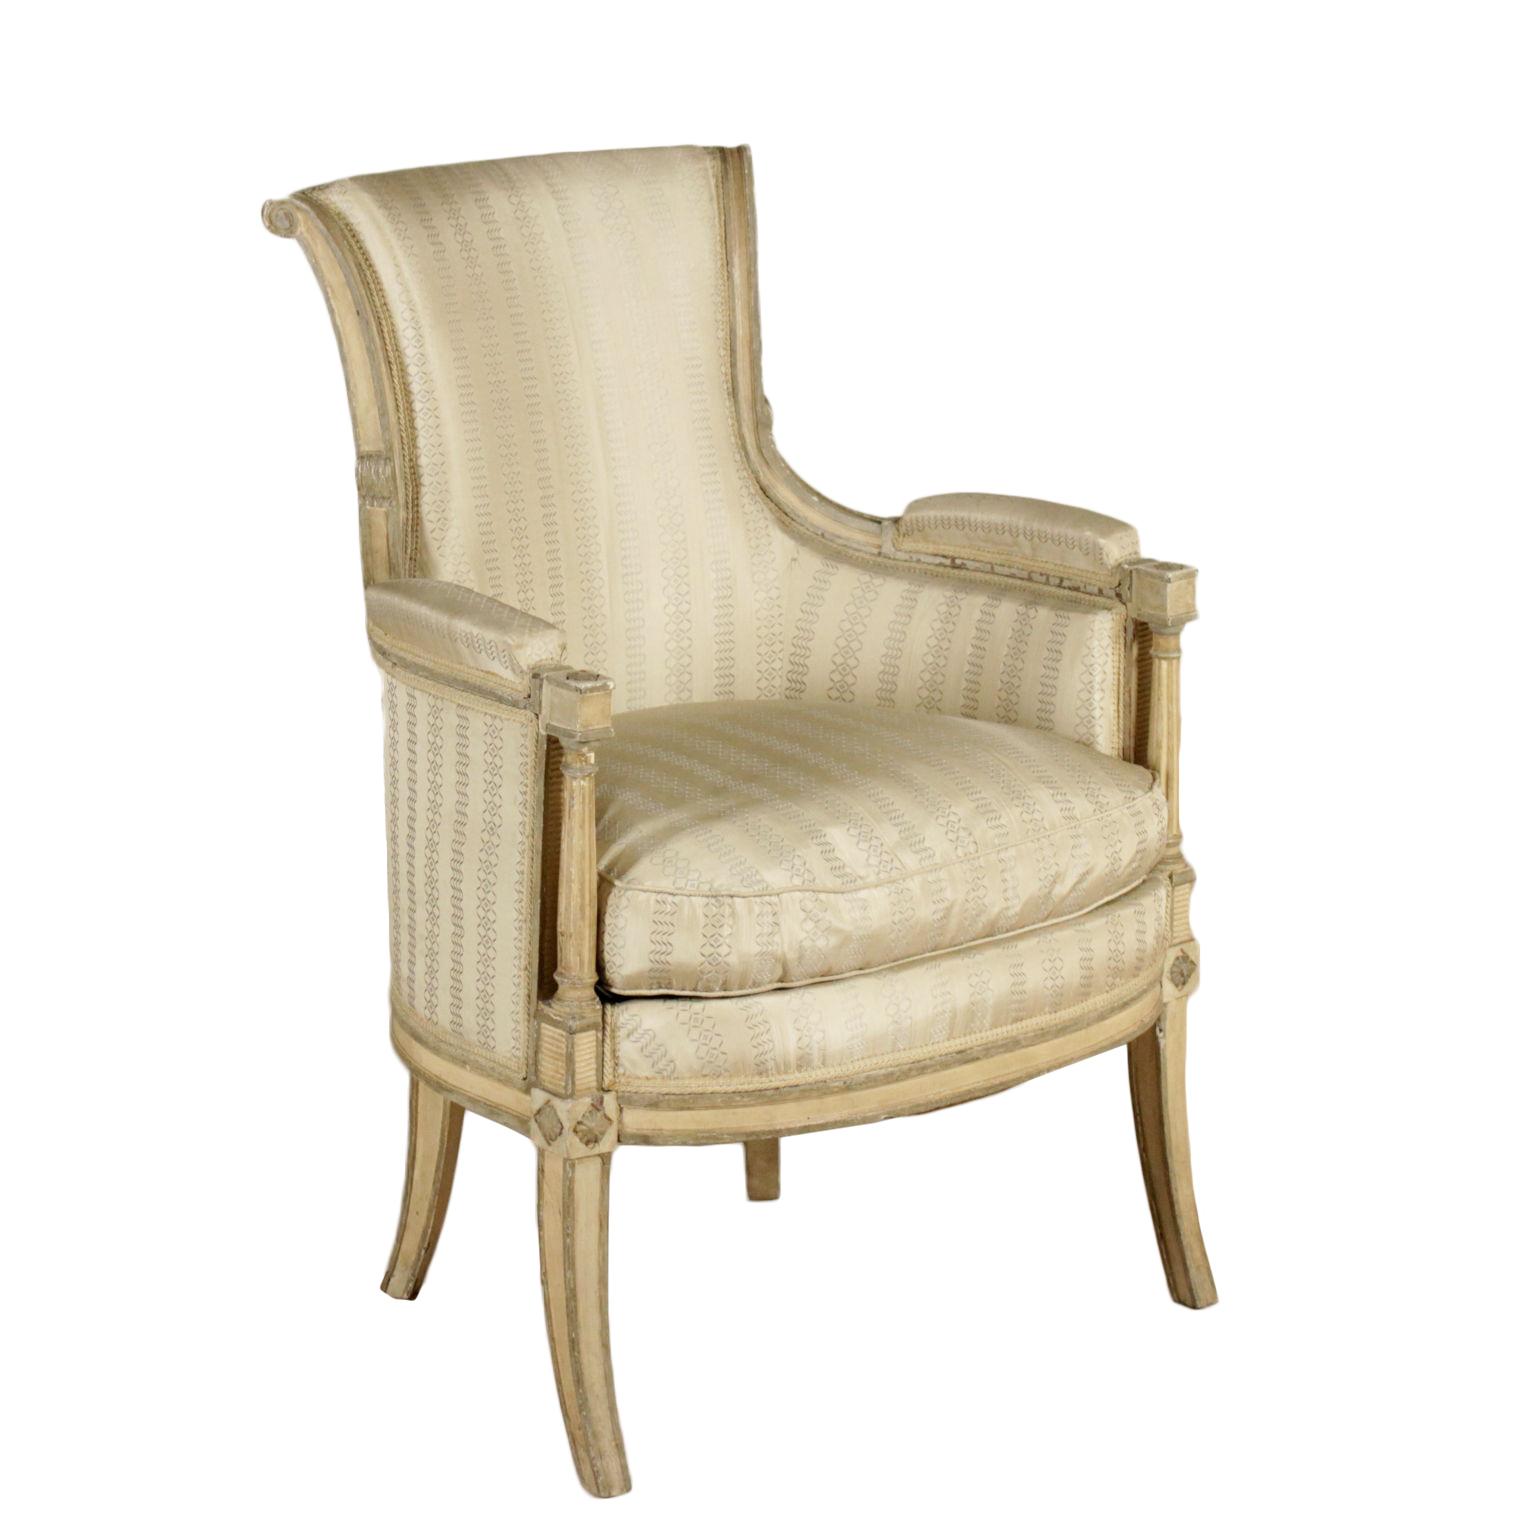 Sedie poltrone 28 images sedia restaurazione sedie for Poltrone e sedie